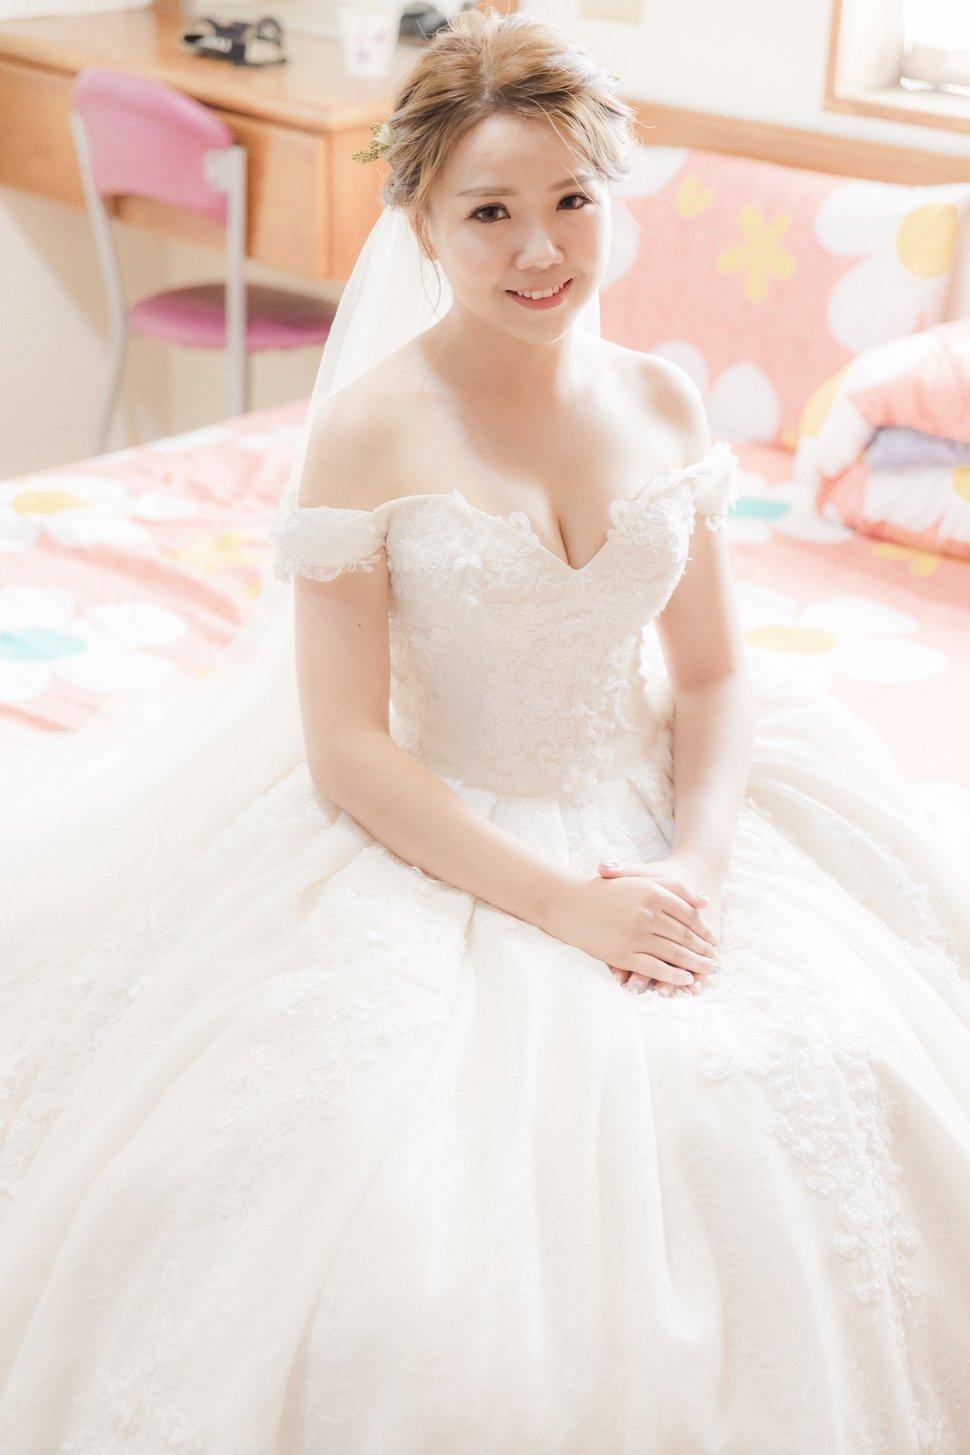 婚禮攝影-4 - Khalil Chou (凱勒·周)《結婚吧》